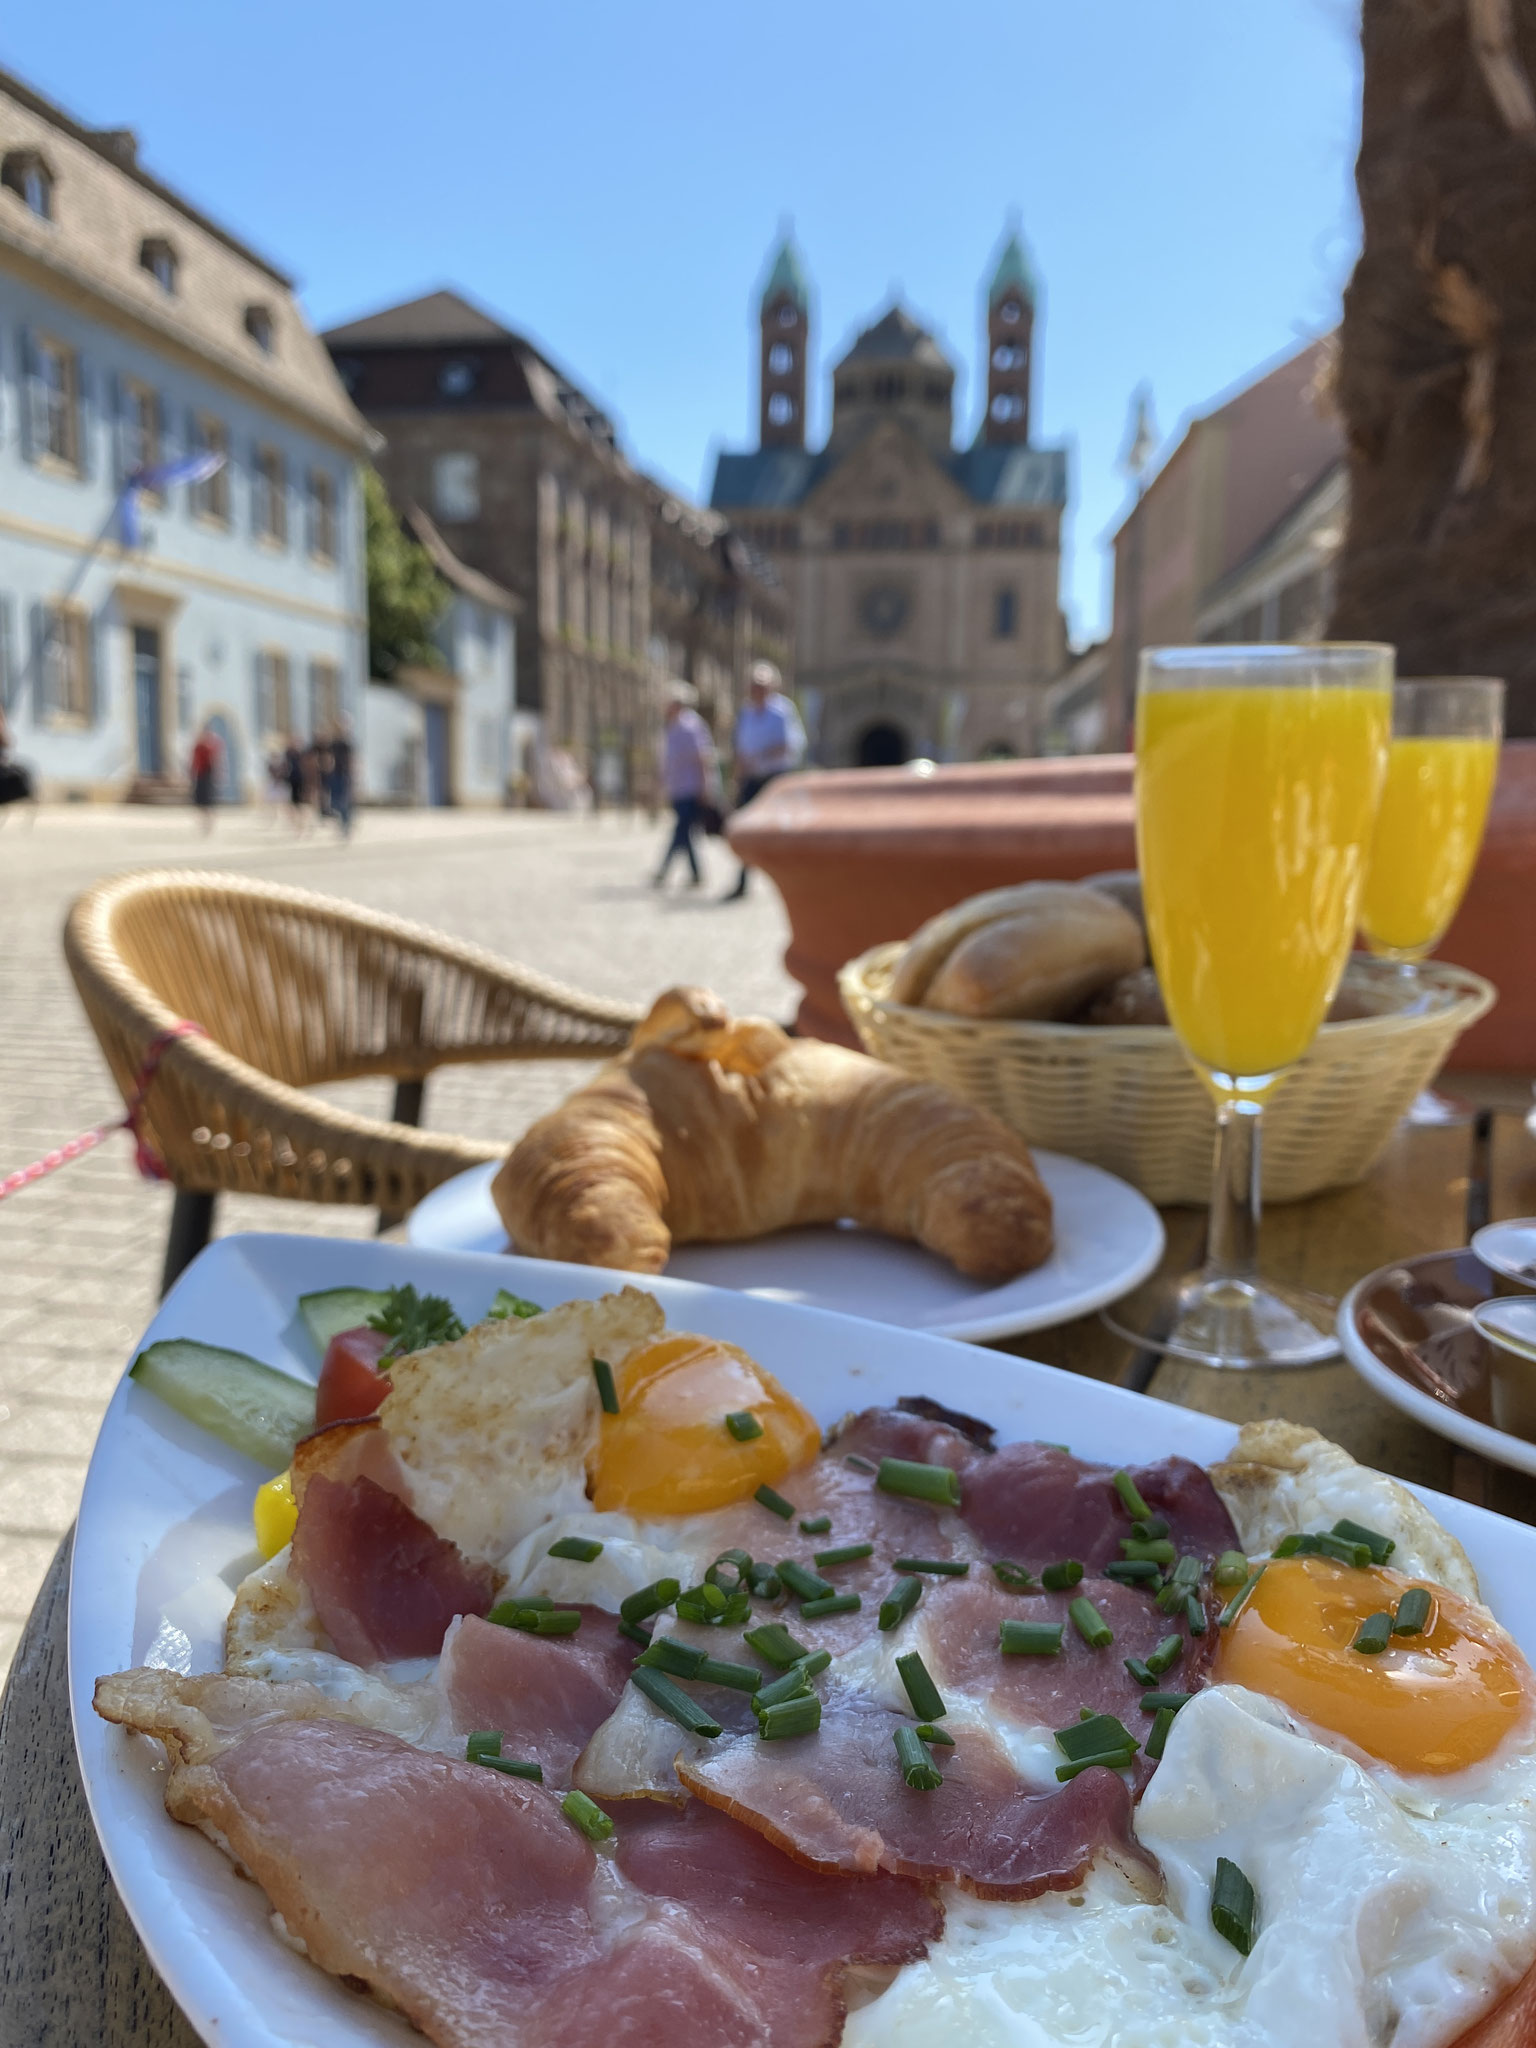 Unser Frühstück. Beginnen Sie den Tag lecker bei uns auf unserer schattigen Terrasse.